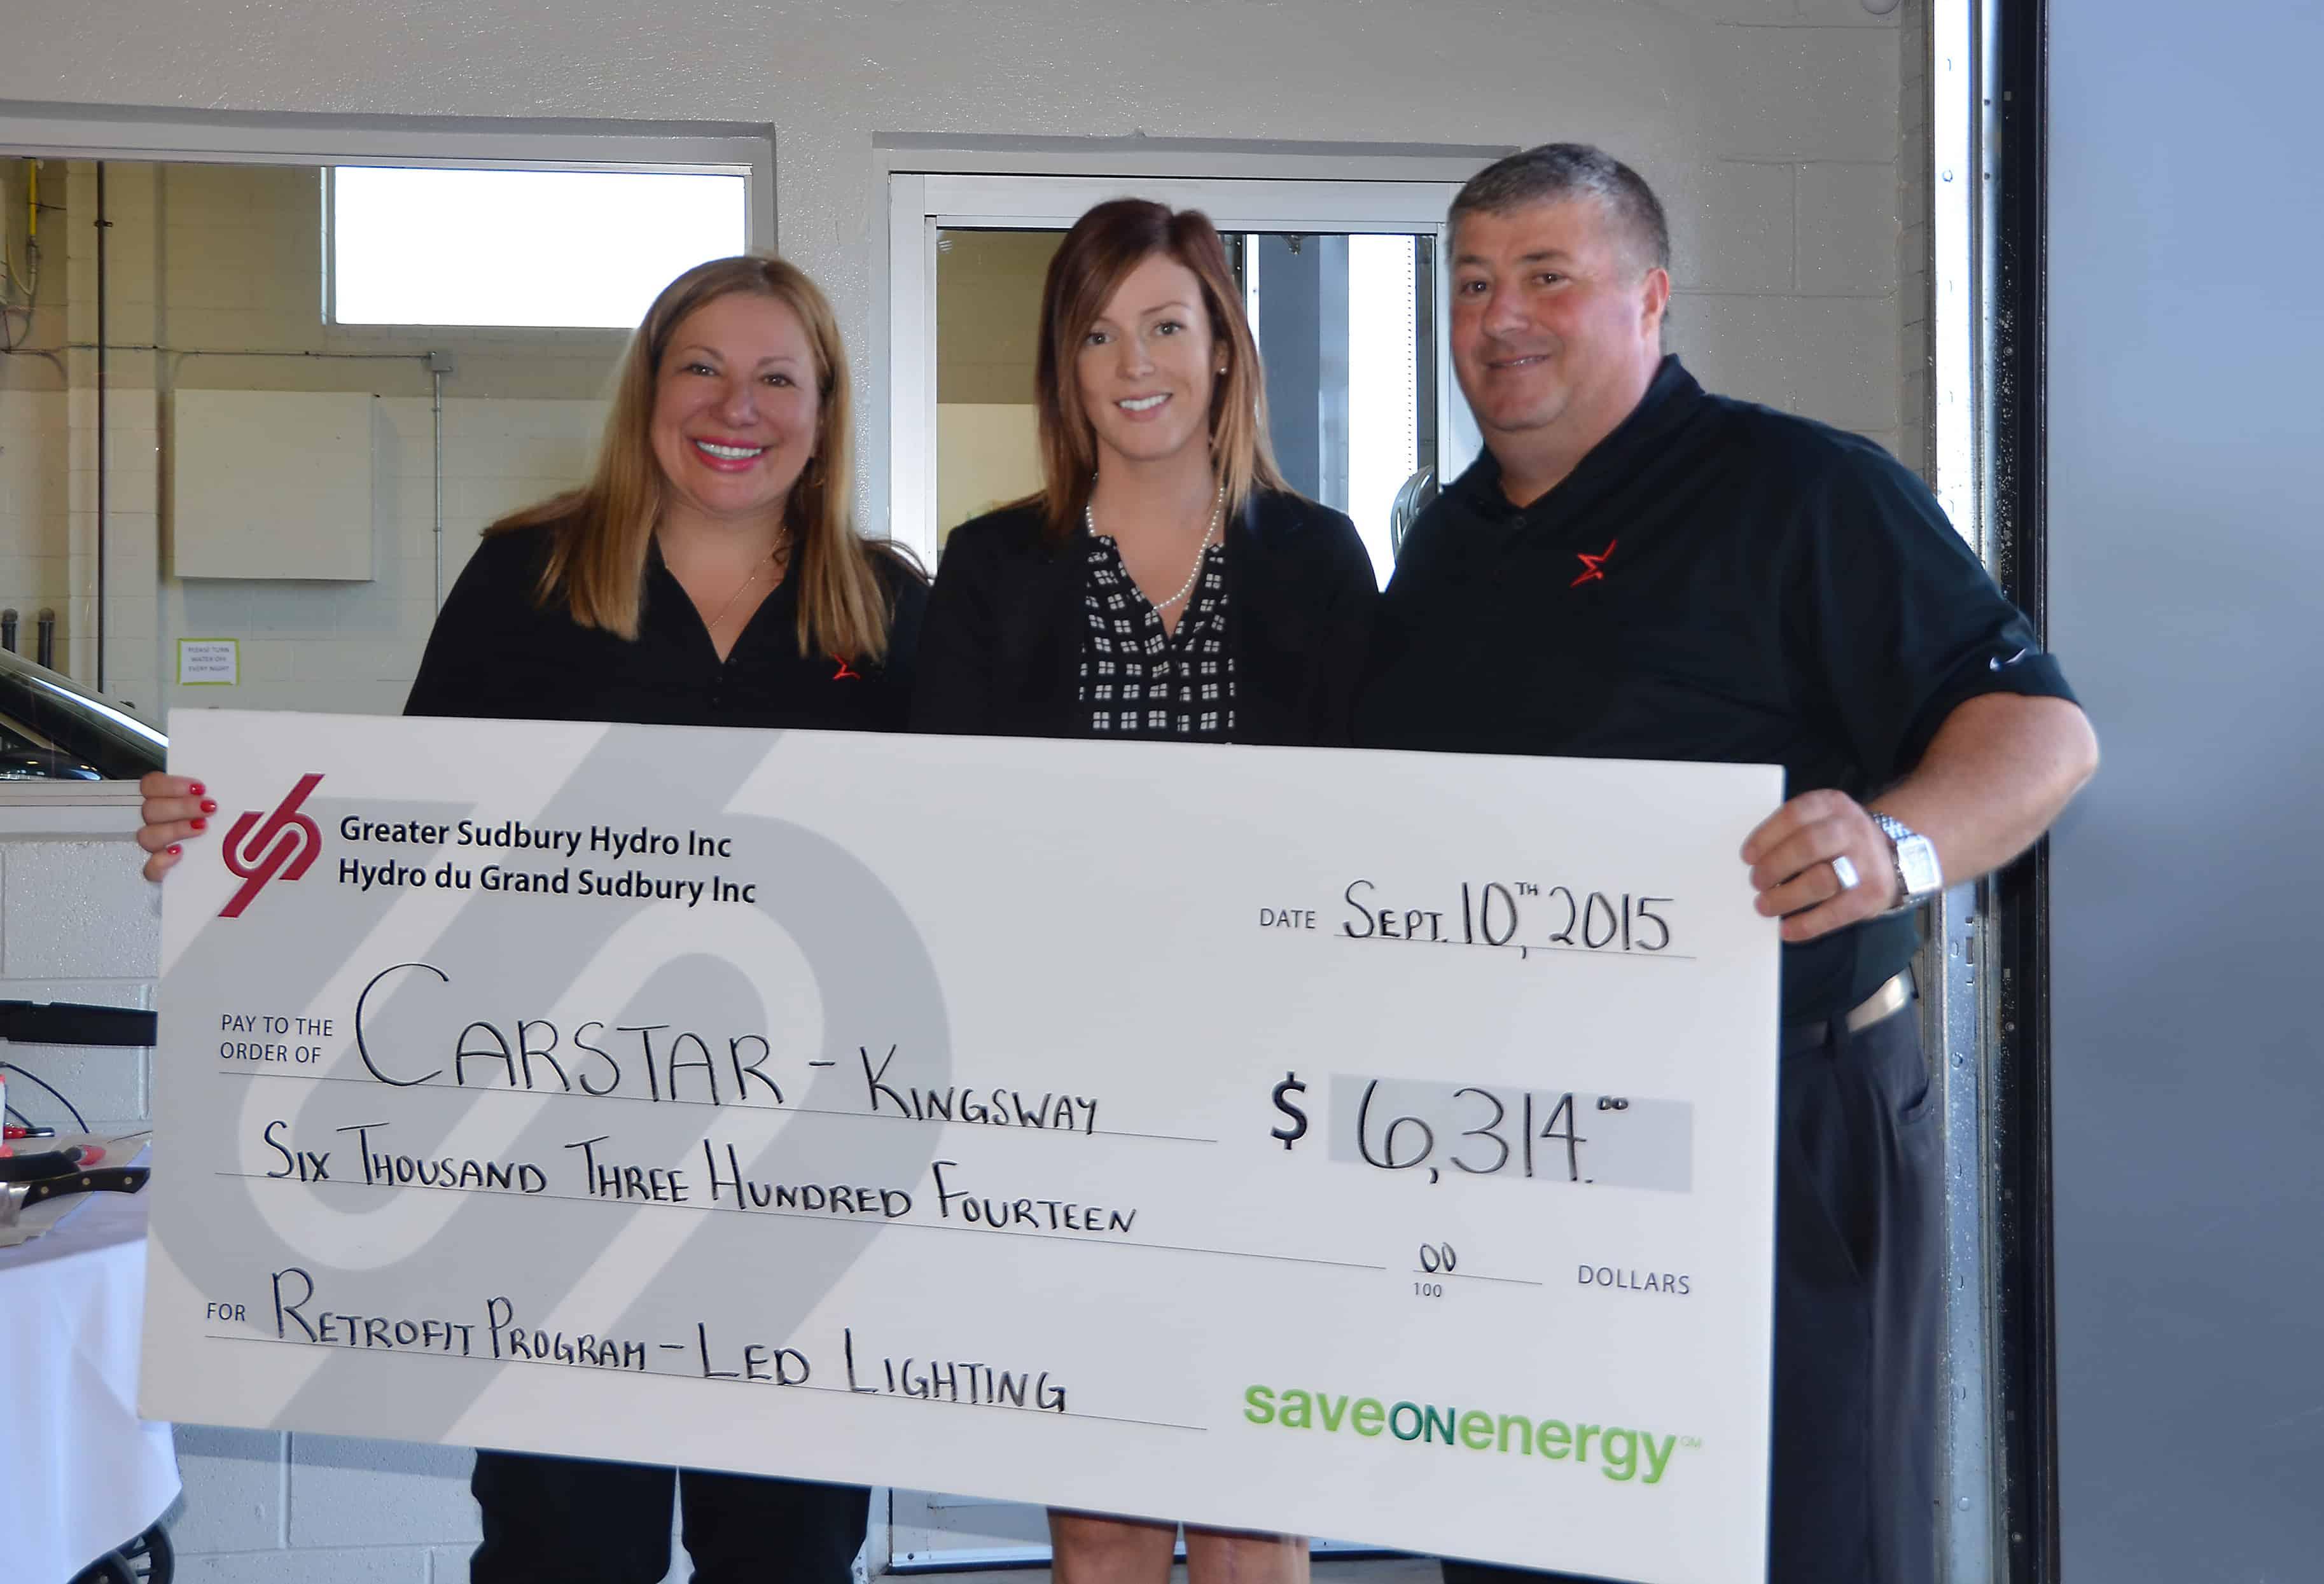 Greater Sudbury Hydro Energy Savers Carstar Kingsway Gianna & Tony Nero